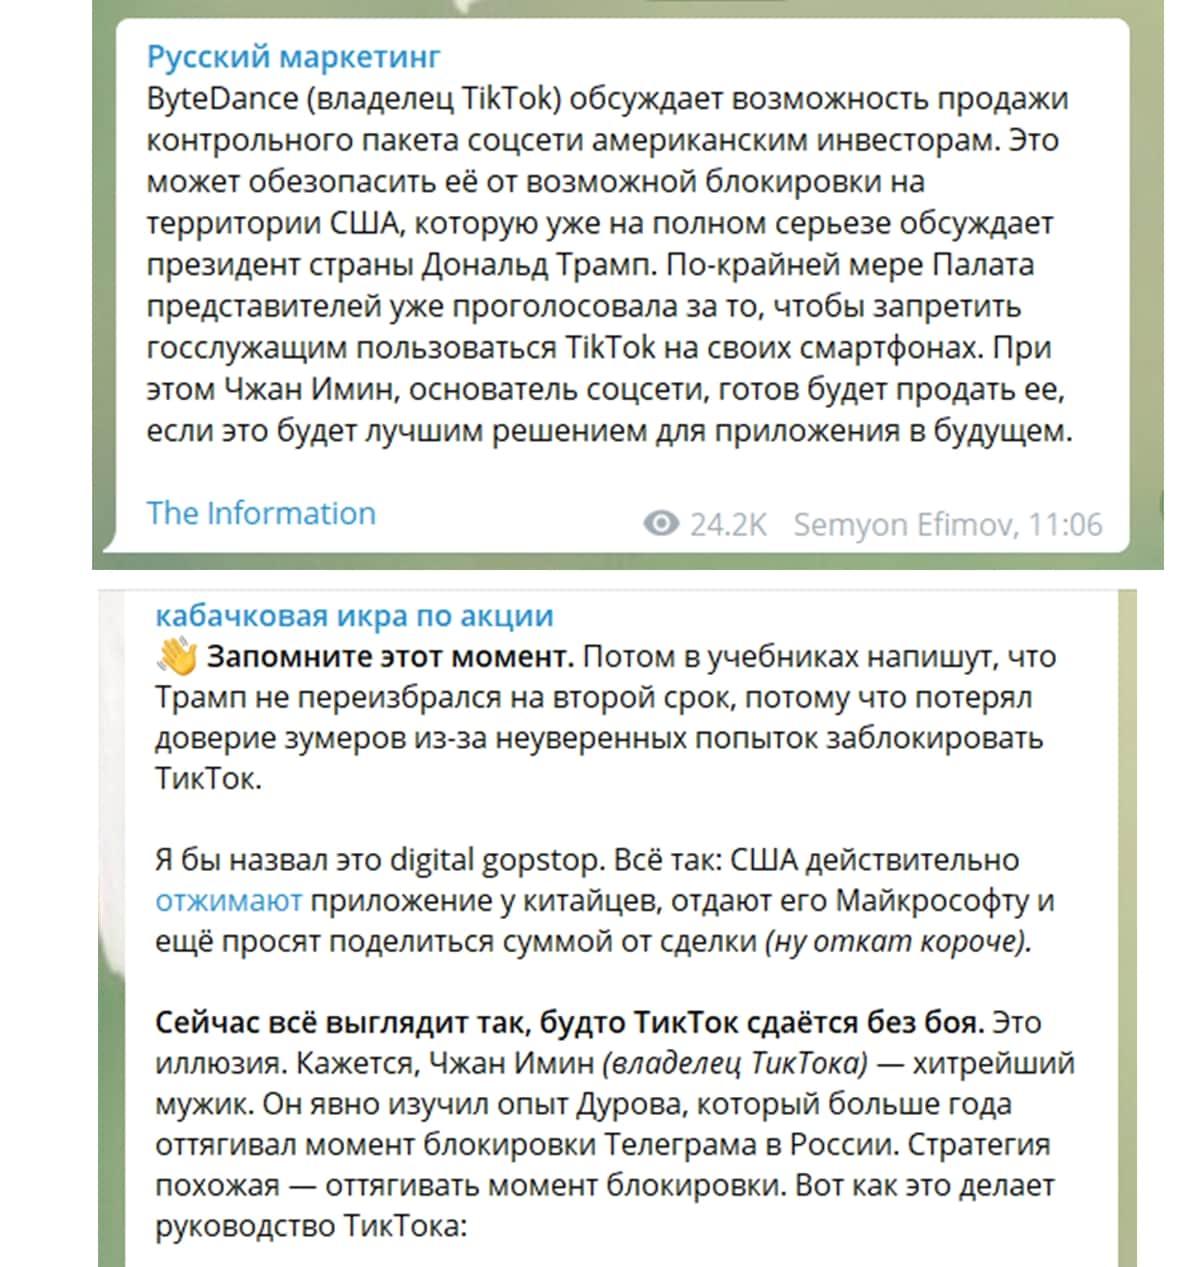 Сравните две новости на один инфоповод: в первом сообщают информацию, а во втором использую яркие эпитеты для усиления сообщения